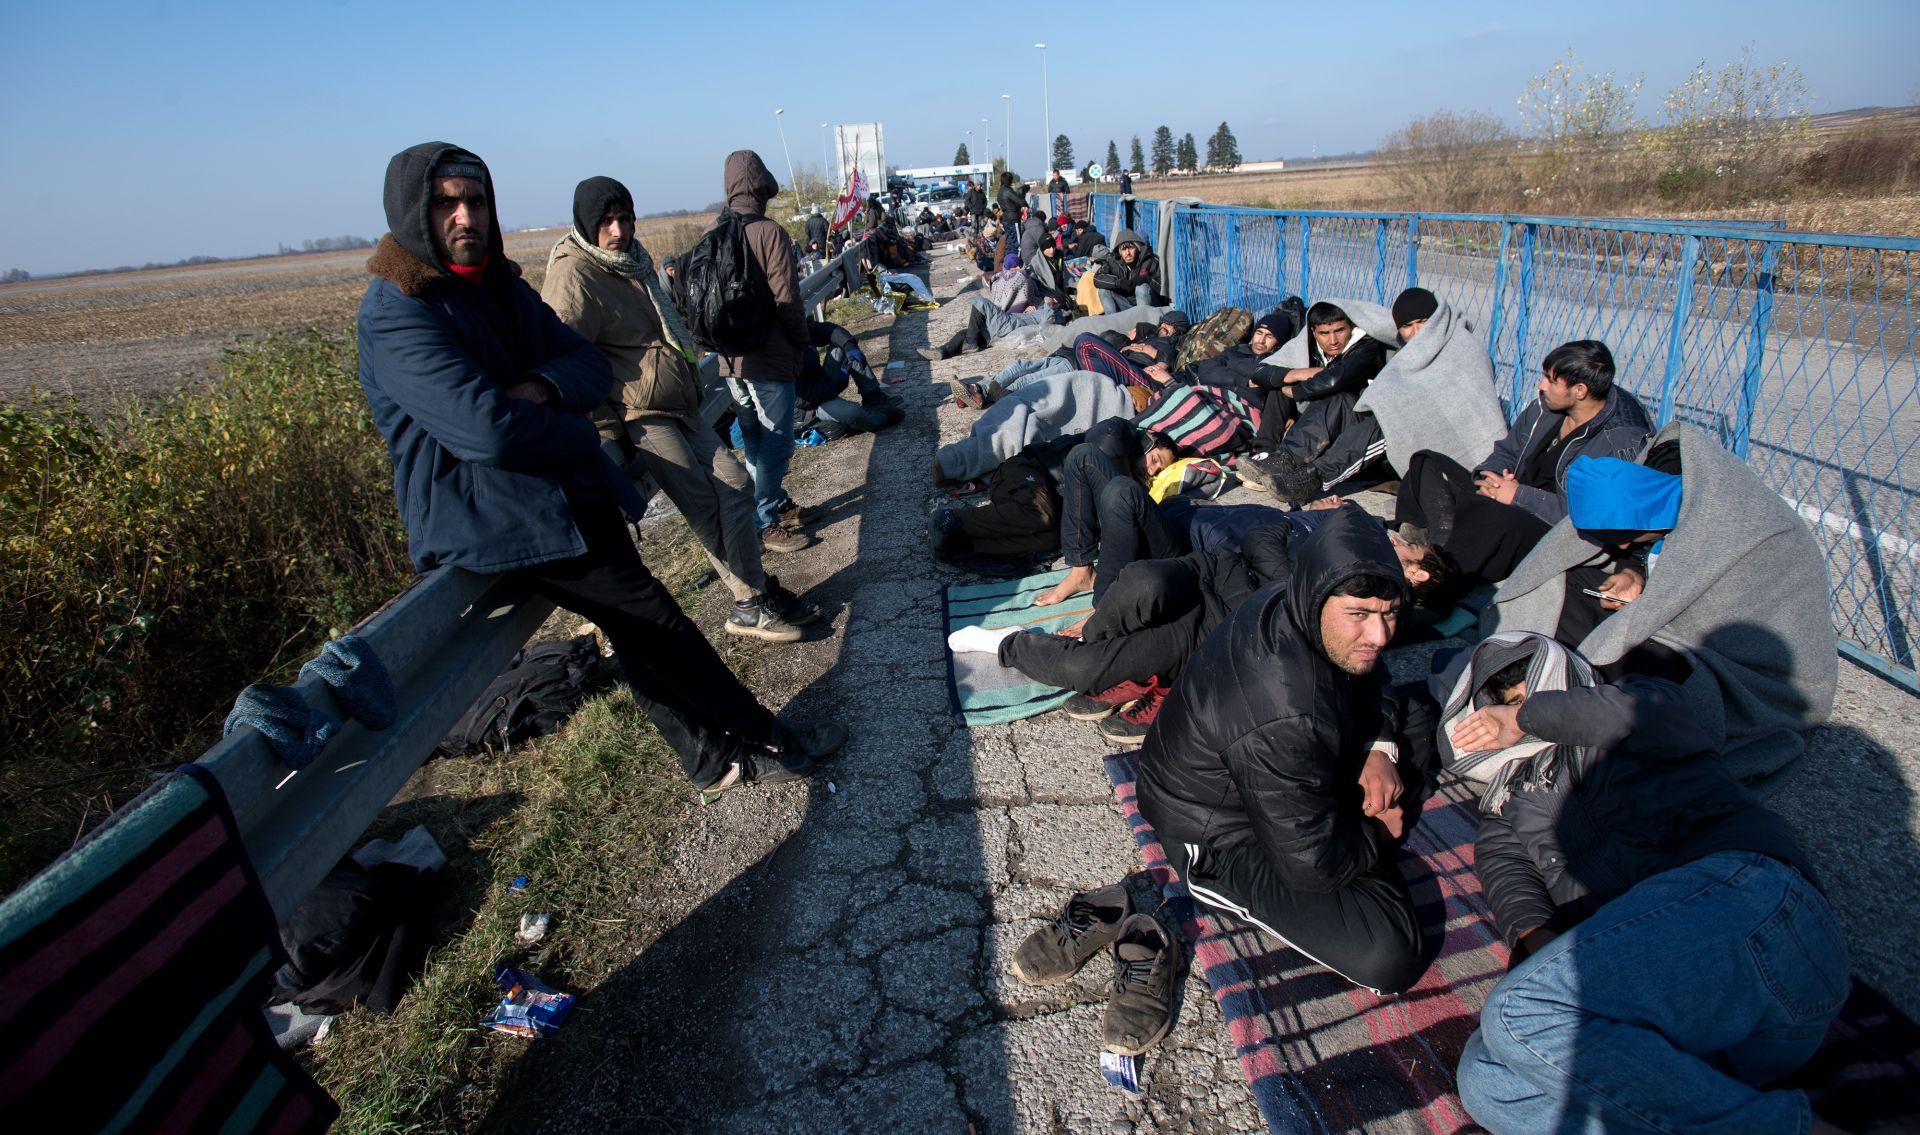 POMOĆ IZ EU: Srbiji još četiri milijuna eura za zbrinjavanje migranata